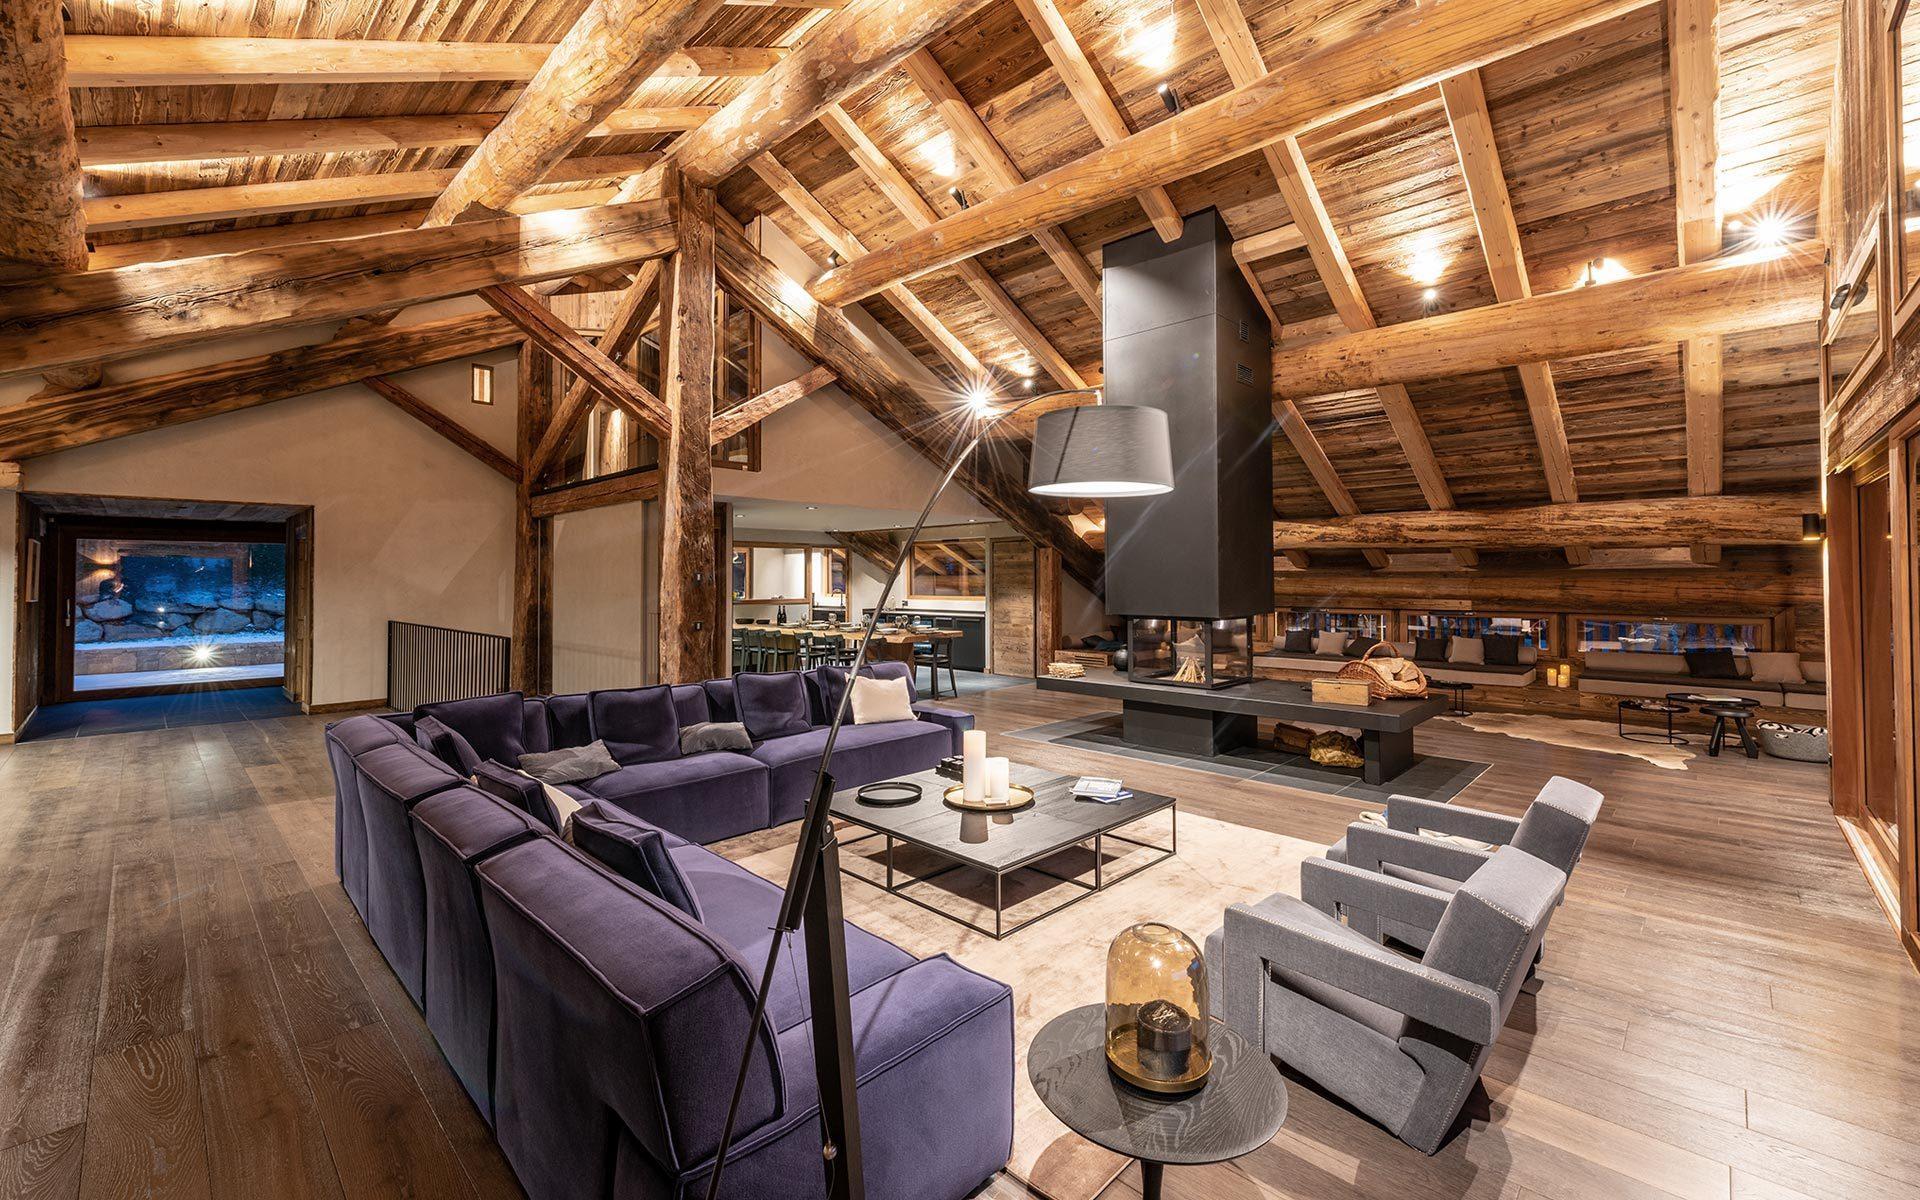 chalet-luxe-lodge-les-murailles-manigold-alpes-incentive-ski-salon-seminaires-de-caractere